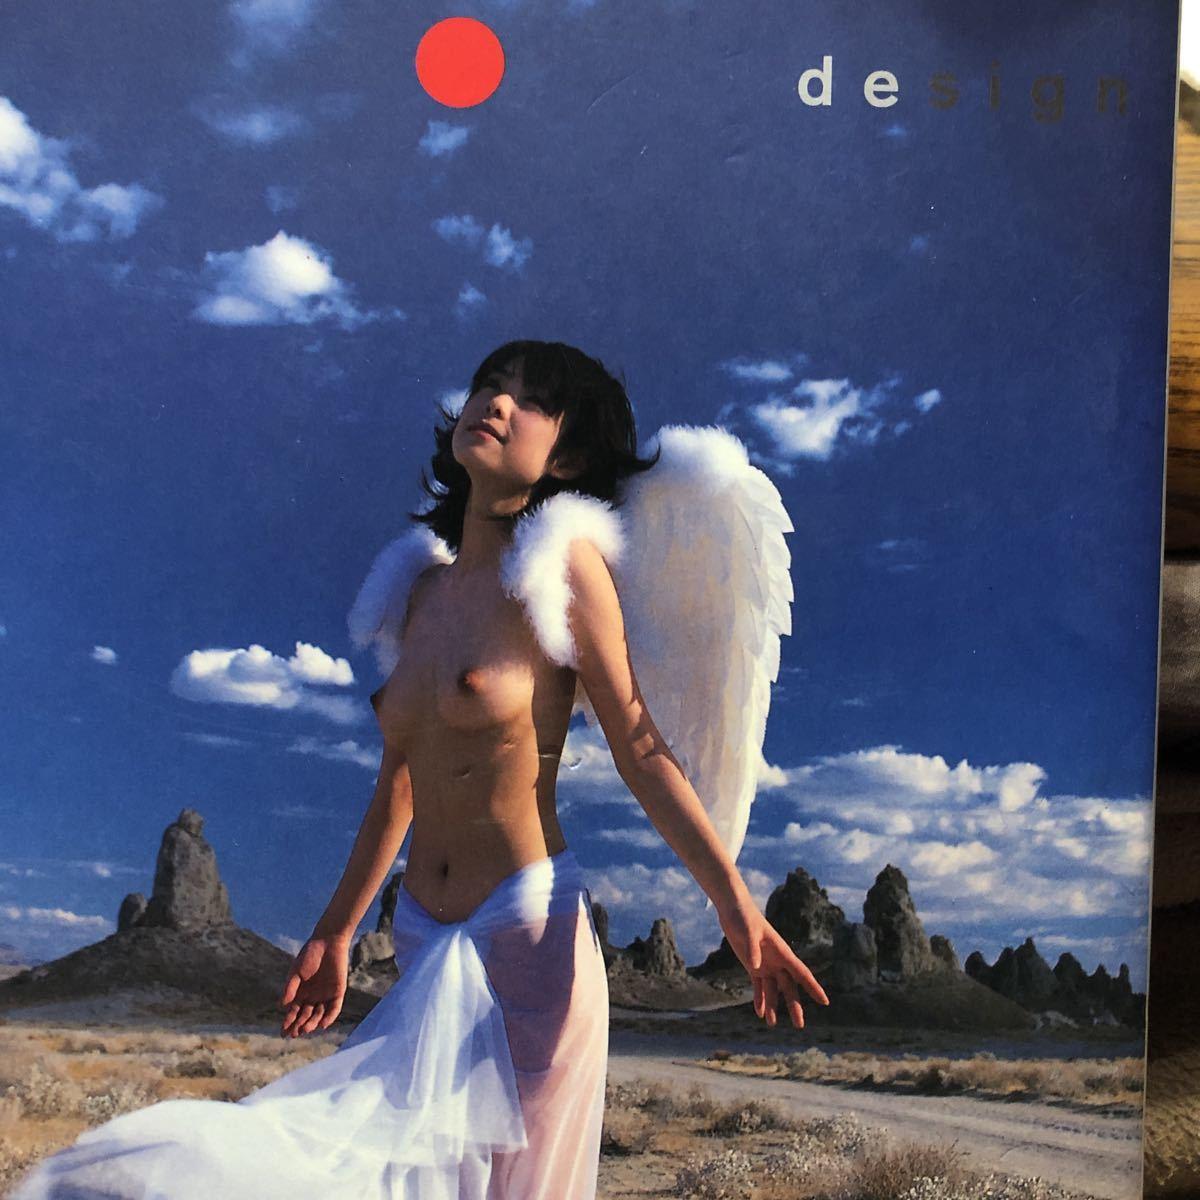 金澤あかね《design》写真集^_^女優乳房の形良いです最良の逸品です可愛い系綺麗な体最高ですこの天使一見の価値あり_画像1